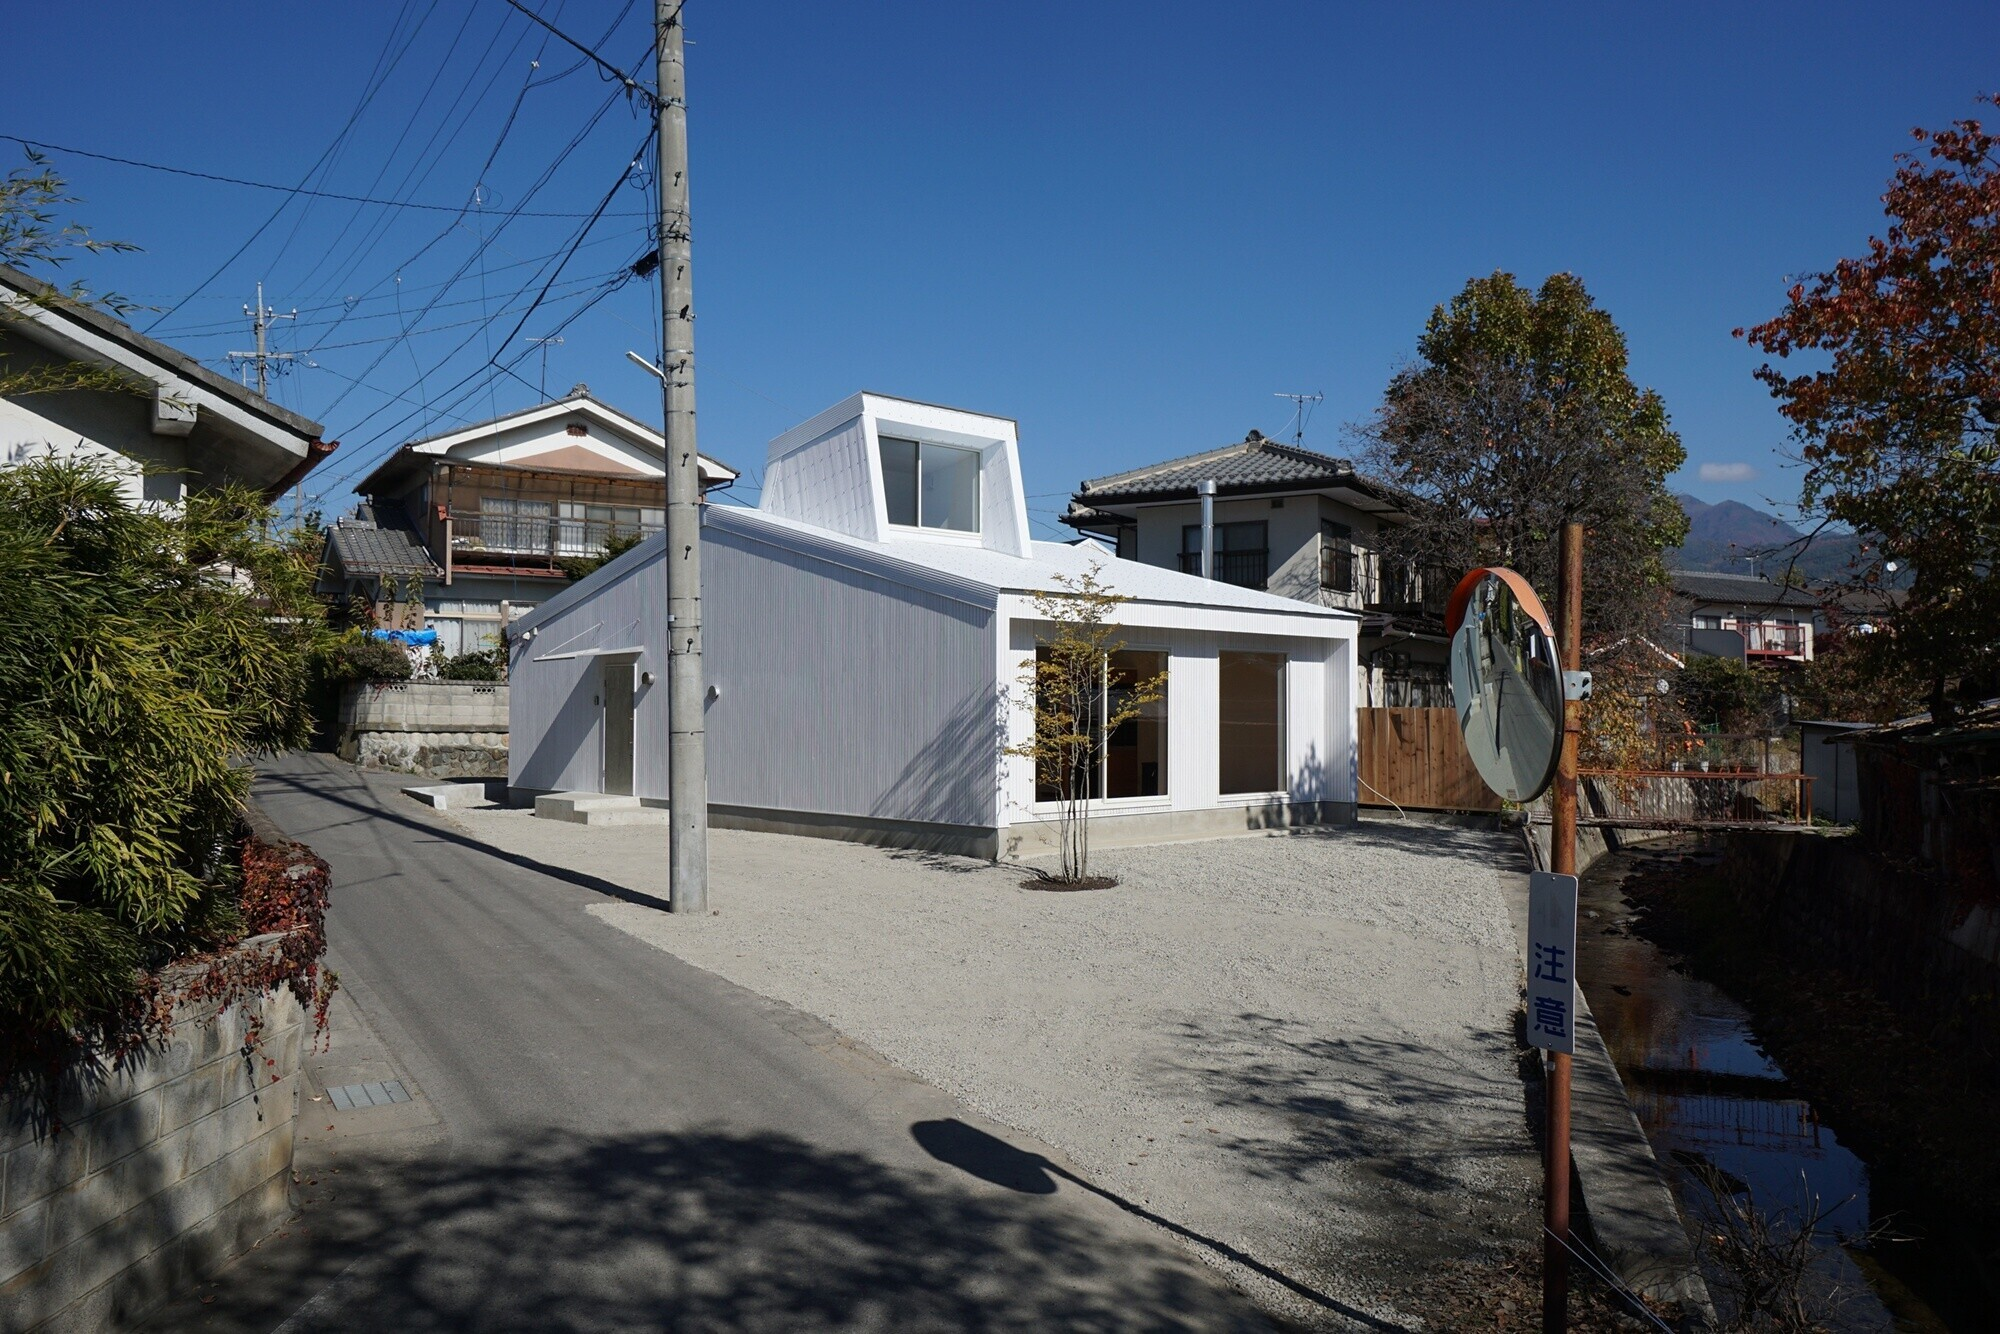 ペッタンコハウス1 / 平屋のような2階建て地産地消住宅 の建築事例写真